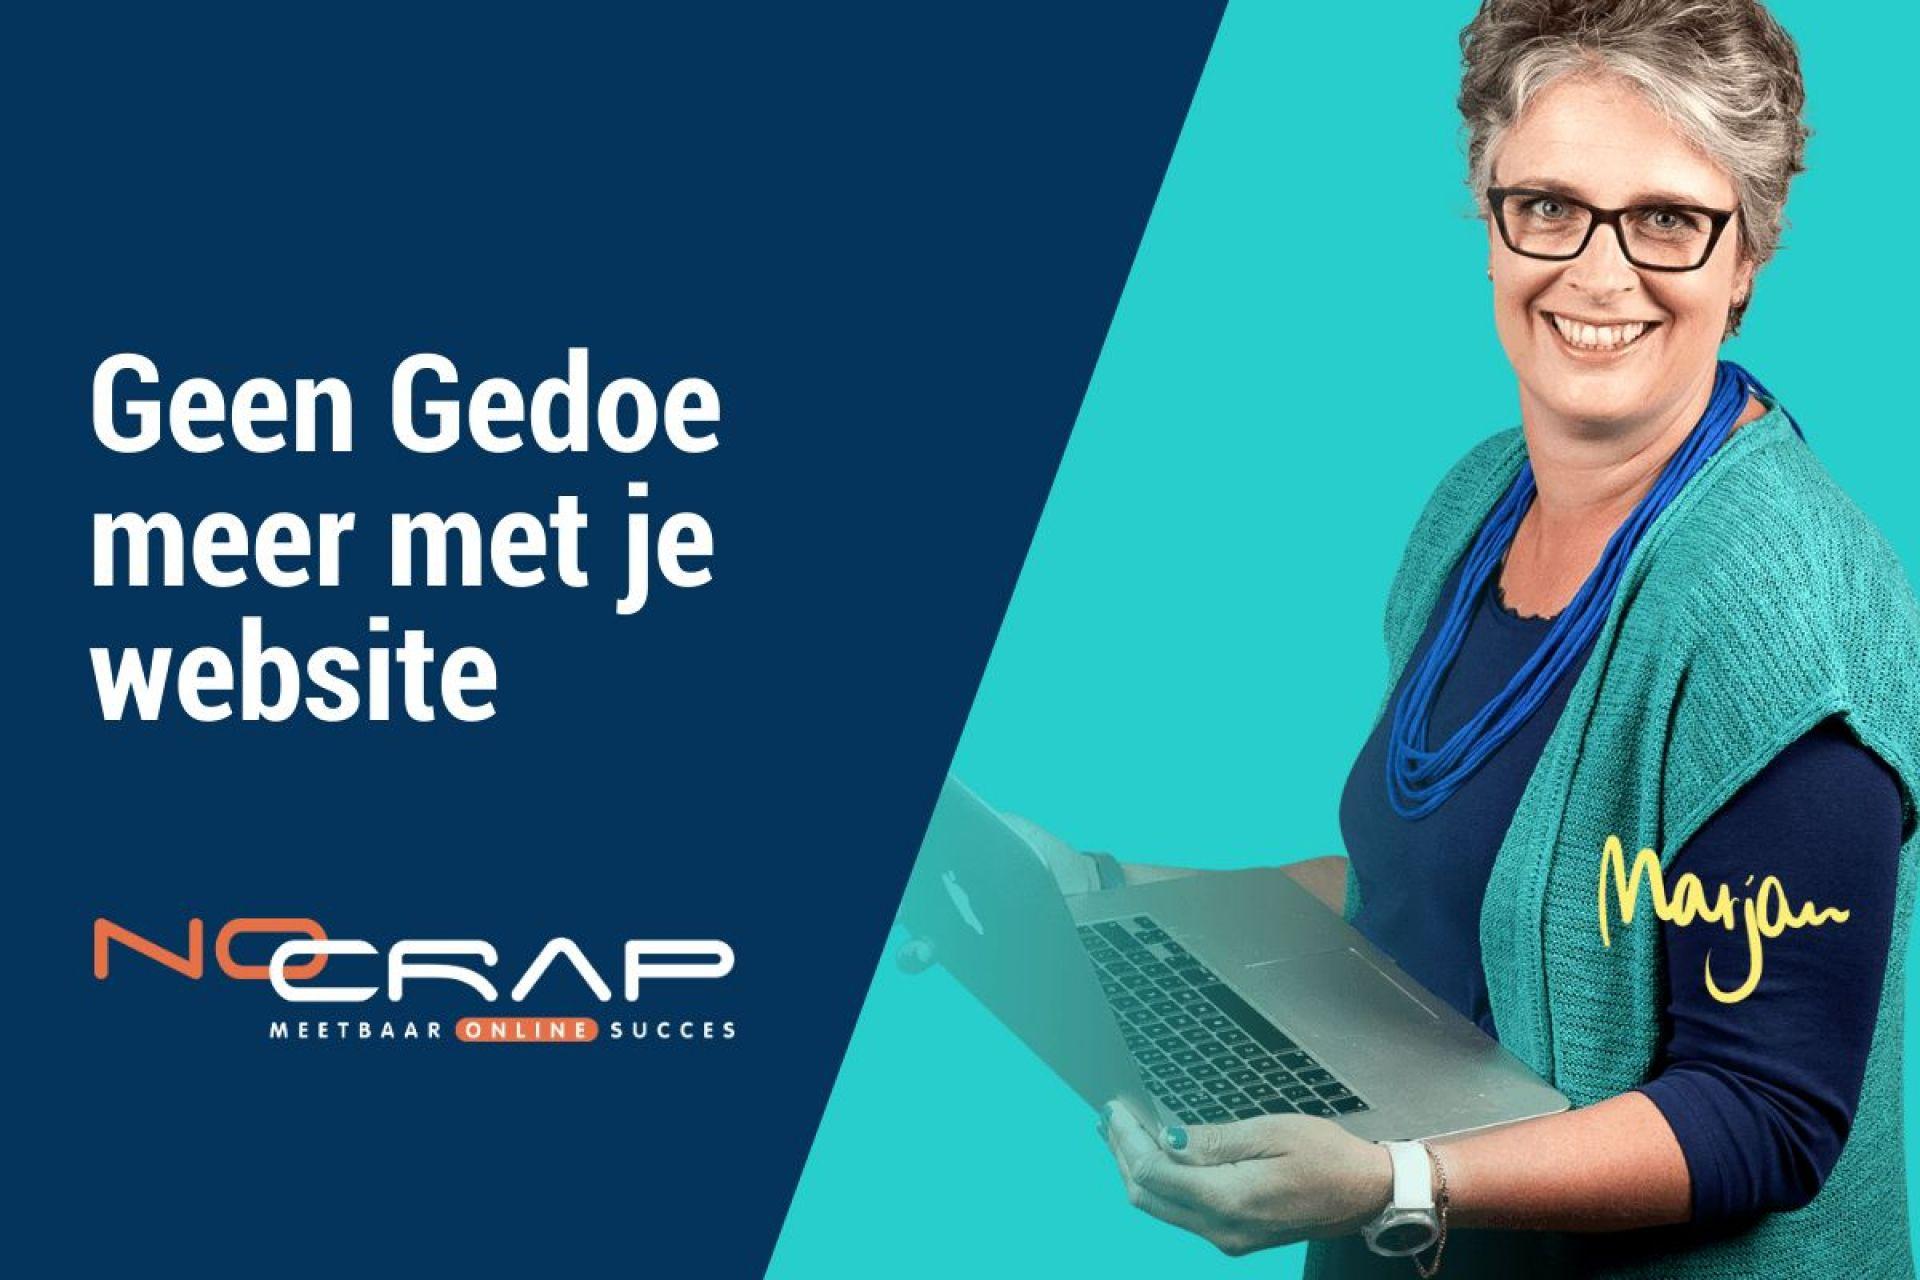 geen gedoe meer met je website - No Crap Online